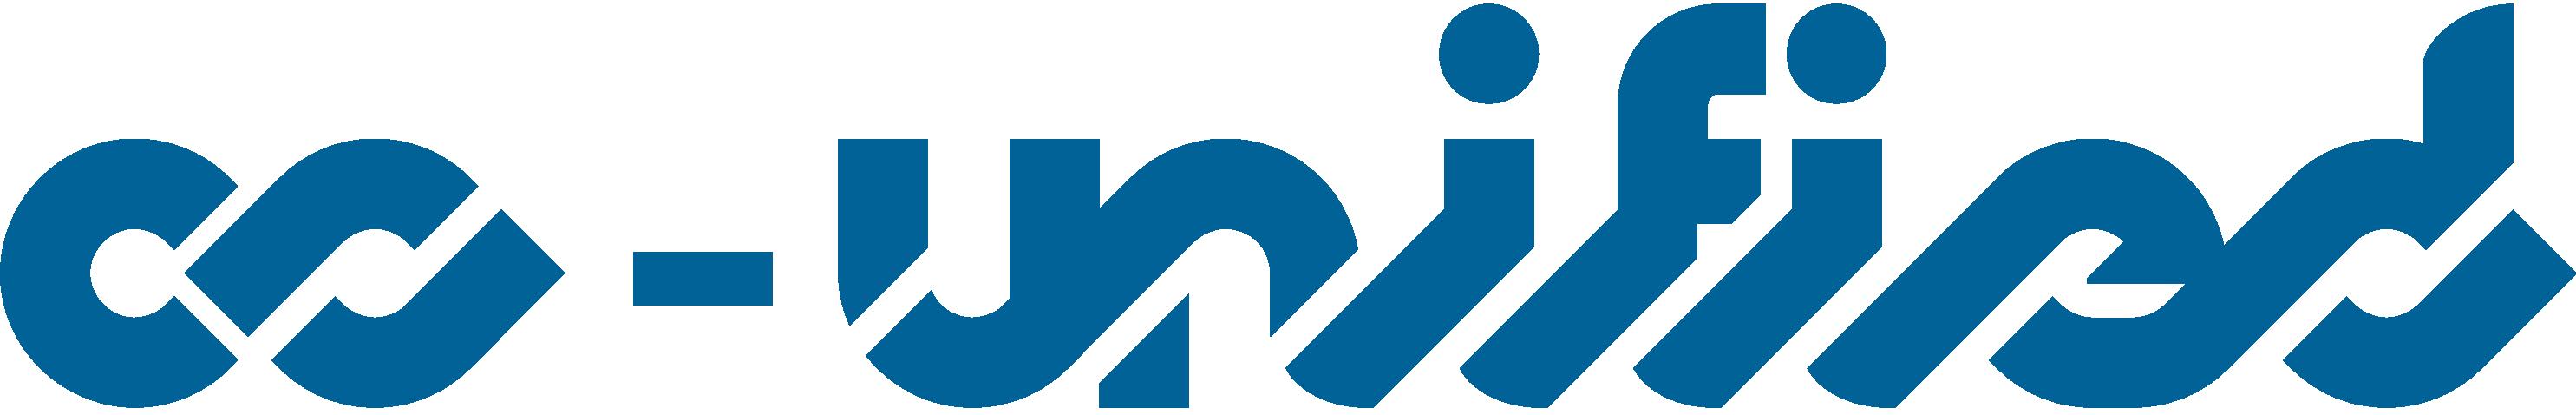 logocu-01